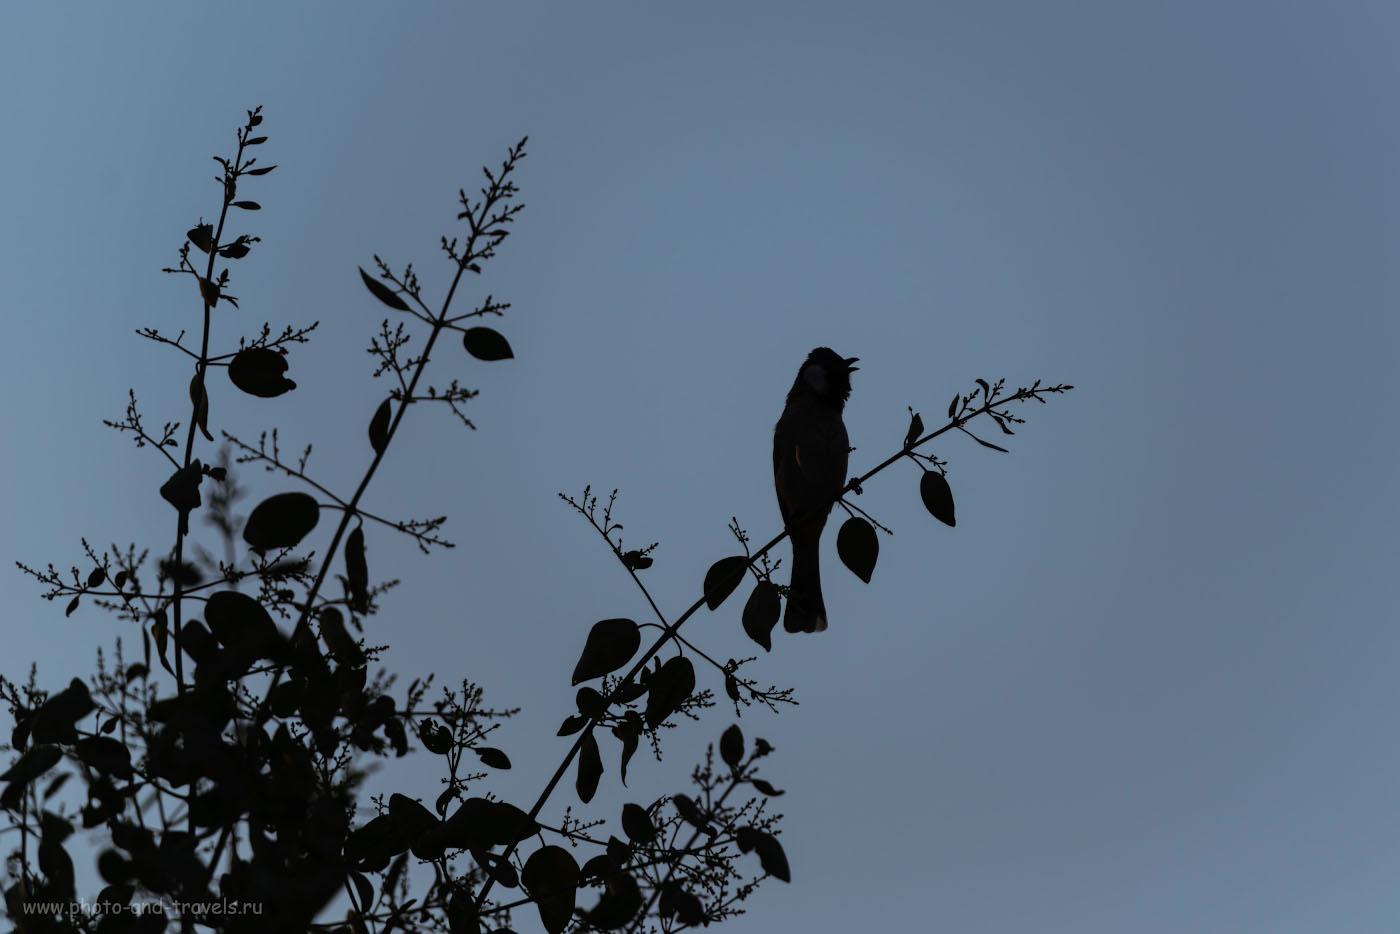 Фото 3. Фотоохота на рассвете. Судя по профилю птицы, это - красногузый бюльбюль. Отзыв об экскурсии в заповеднике Bharatpur Bird Sanctuary. 1/640, -0.67, 4.0, 110, 280.